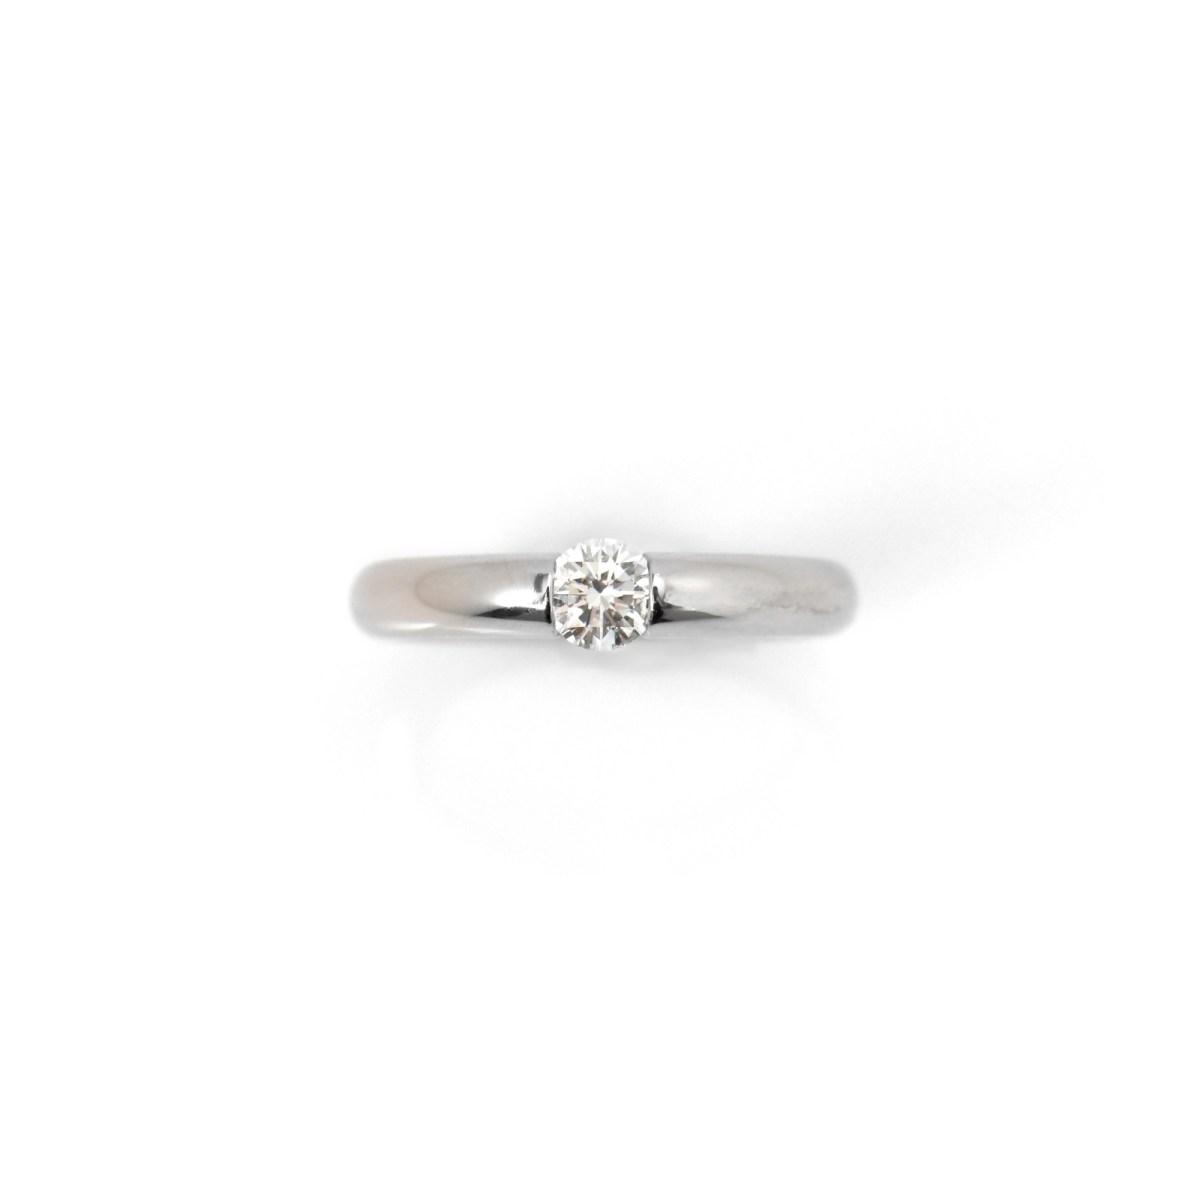 Solitaire platine diamant, 0,33 ct, qualité G VS, taille 47, Prix : 1 870 € • EVENOR, Joaillerie spécialiste des Bijoux Vintage. - Référence BA-B12946